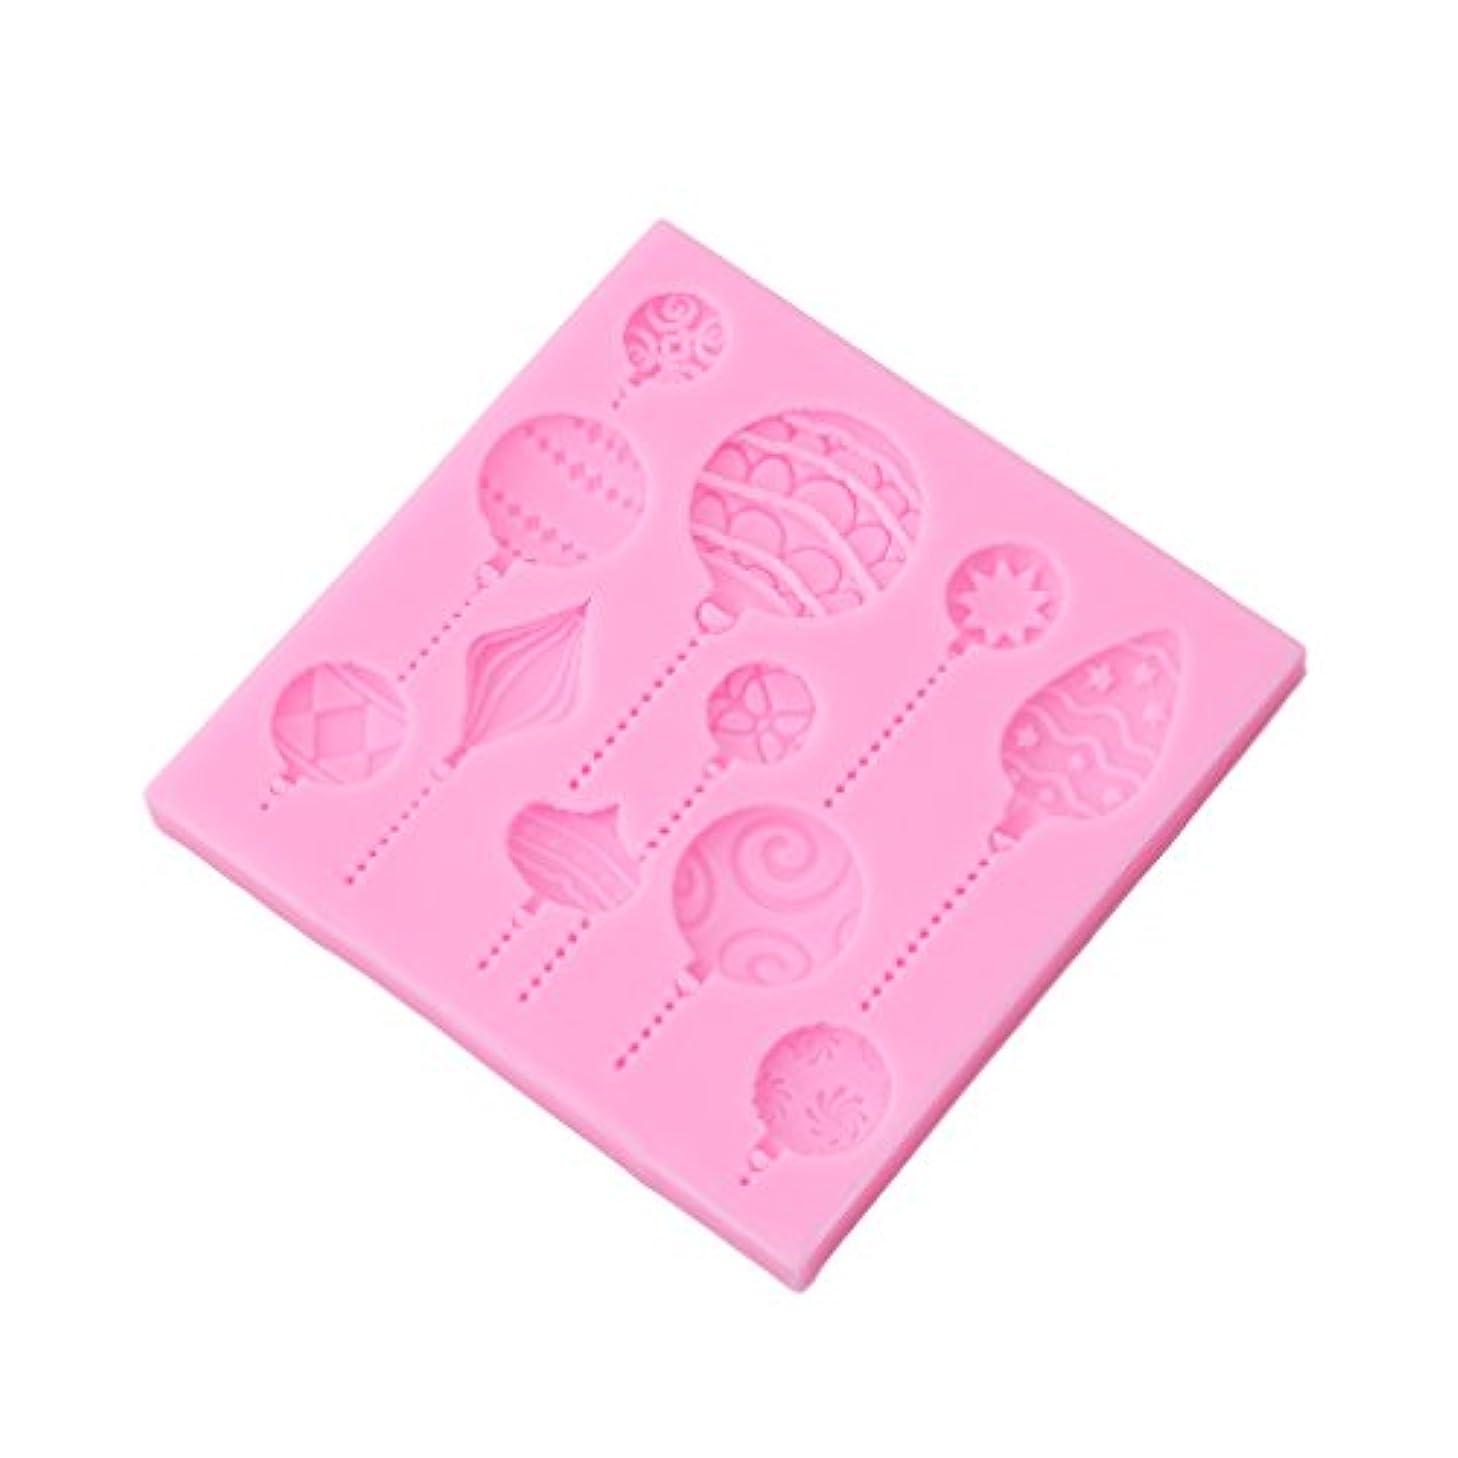 先例無条件トンHonel シリコン型 シリコンモールド アロマハイストーン / 手作り 石鹸 / レジン / 型 抜き型